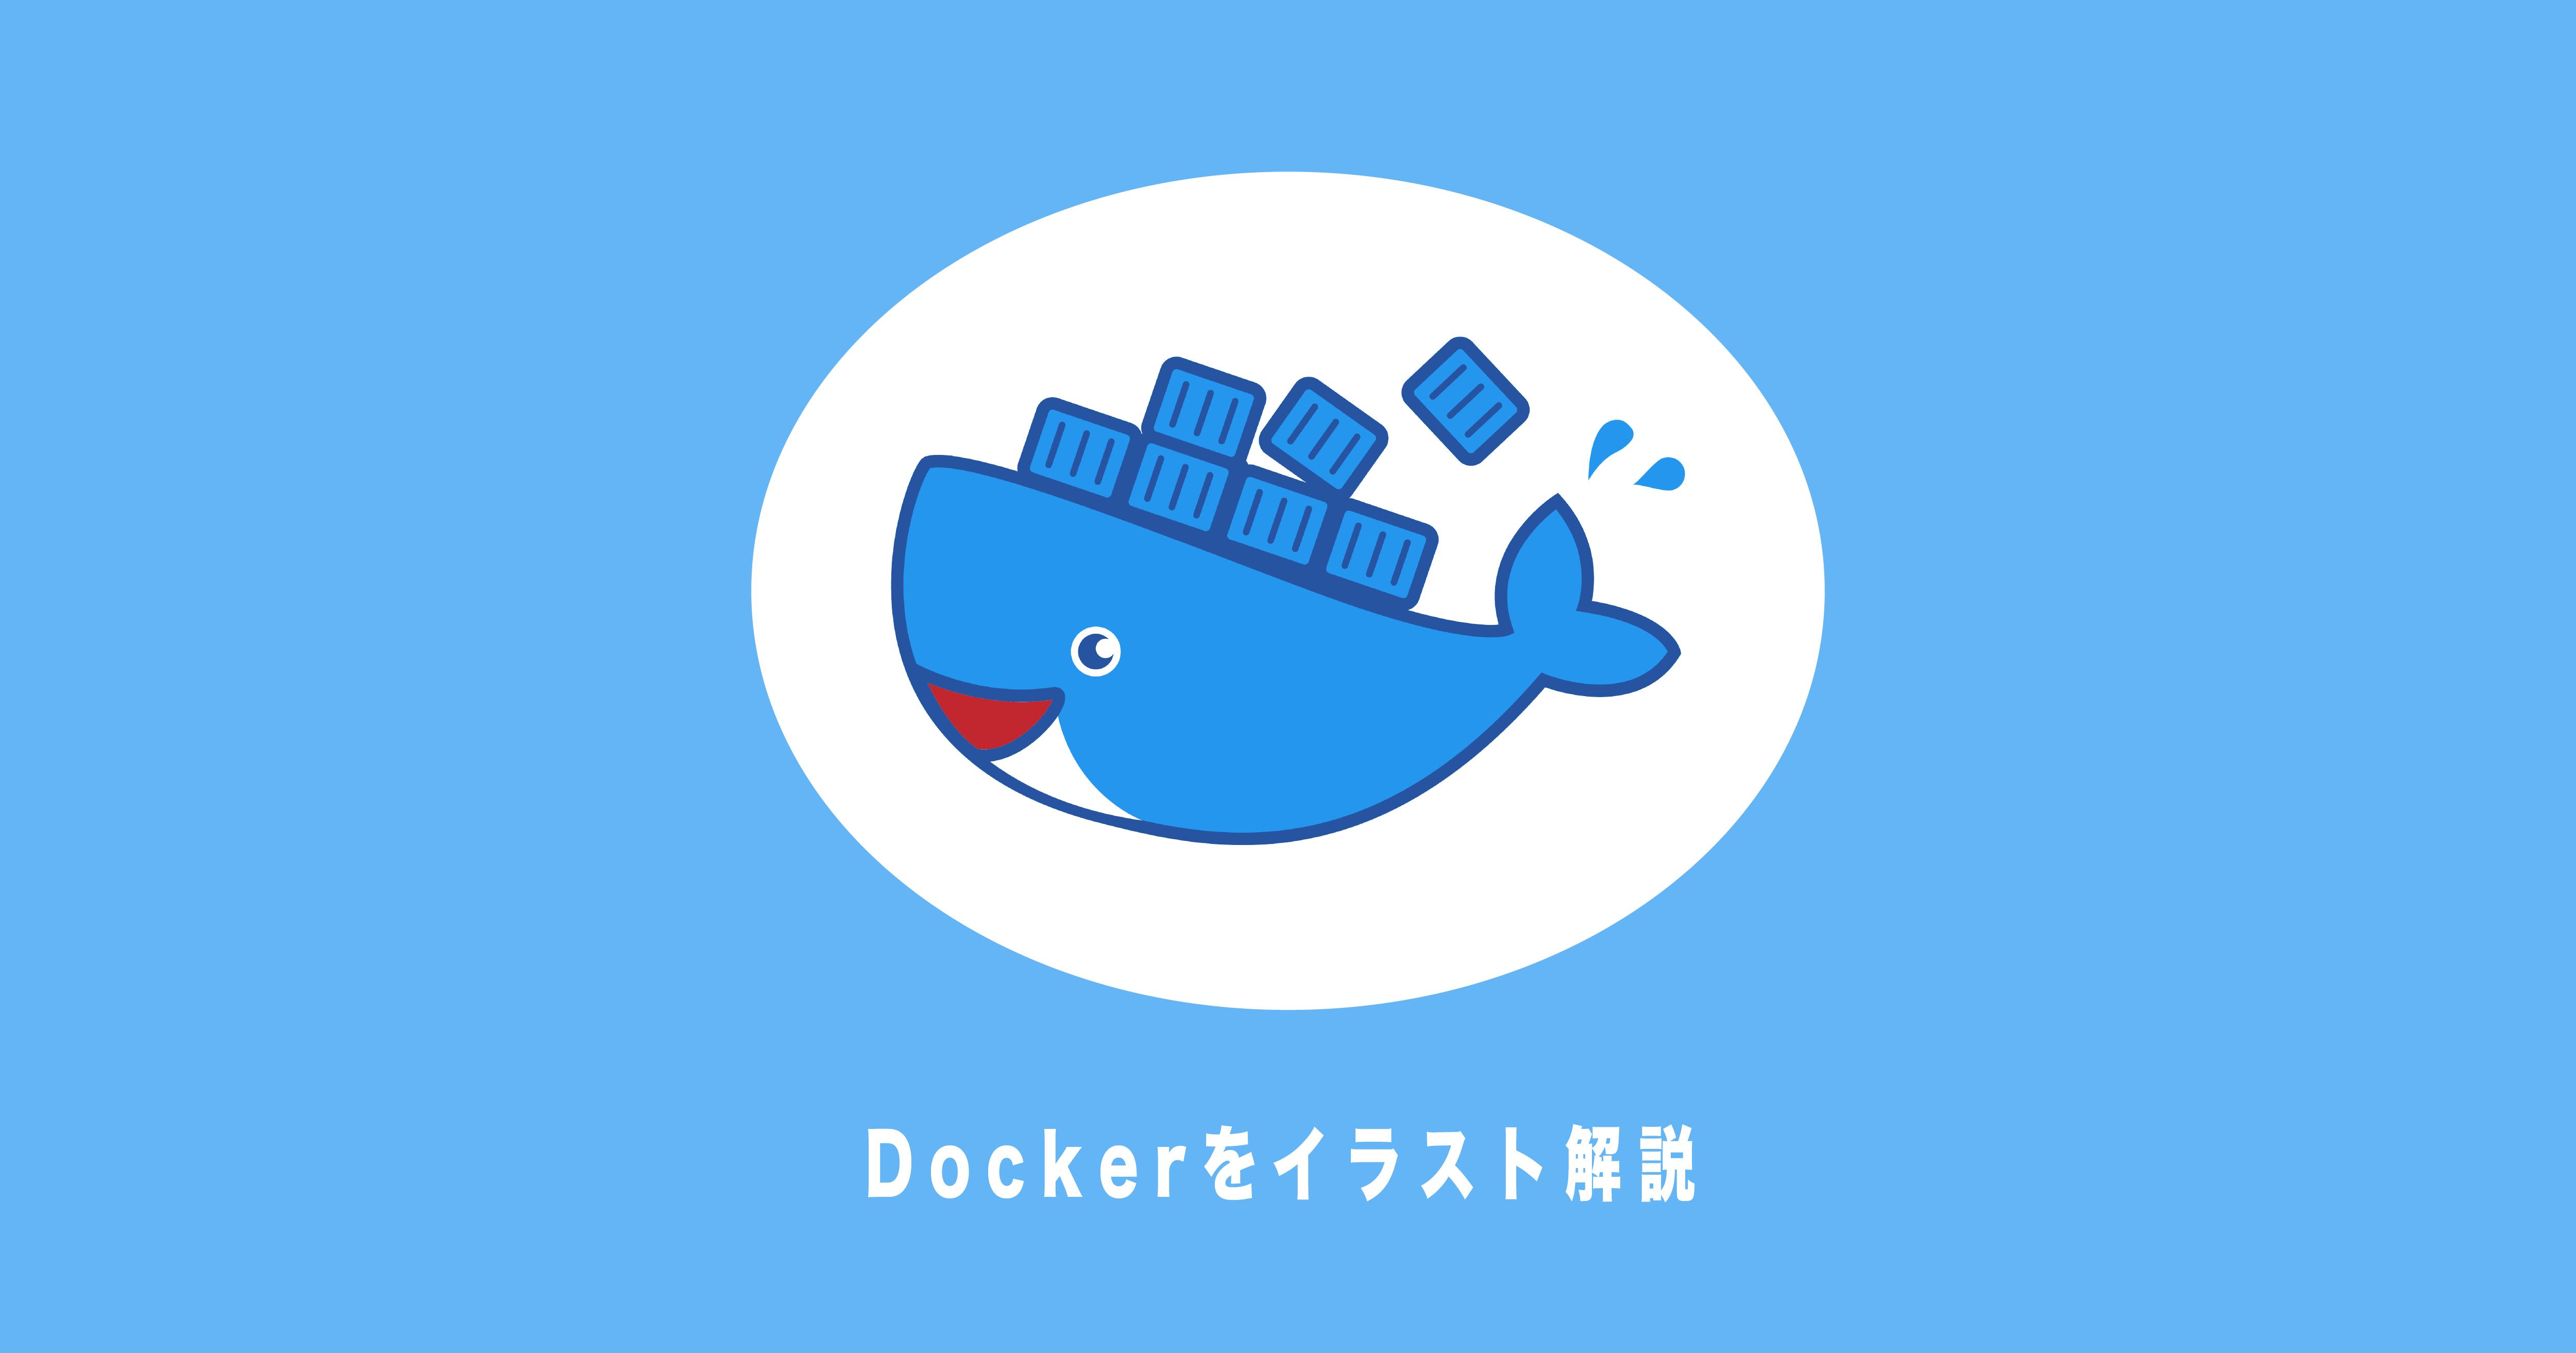 Dockerをイラスト解説